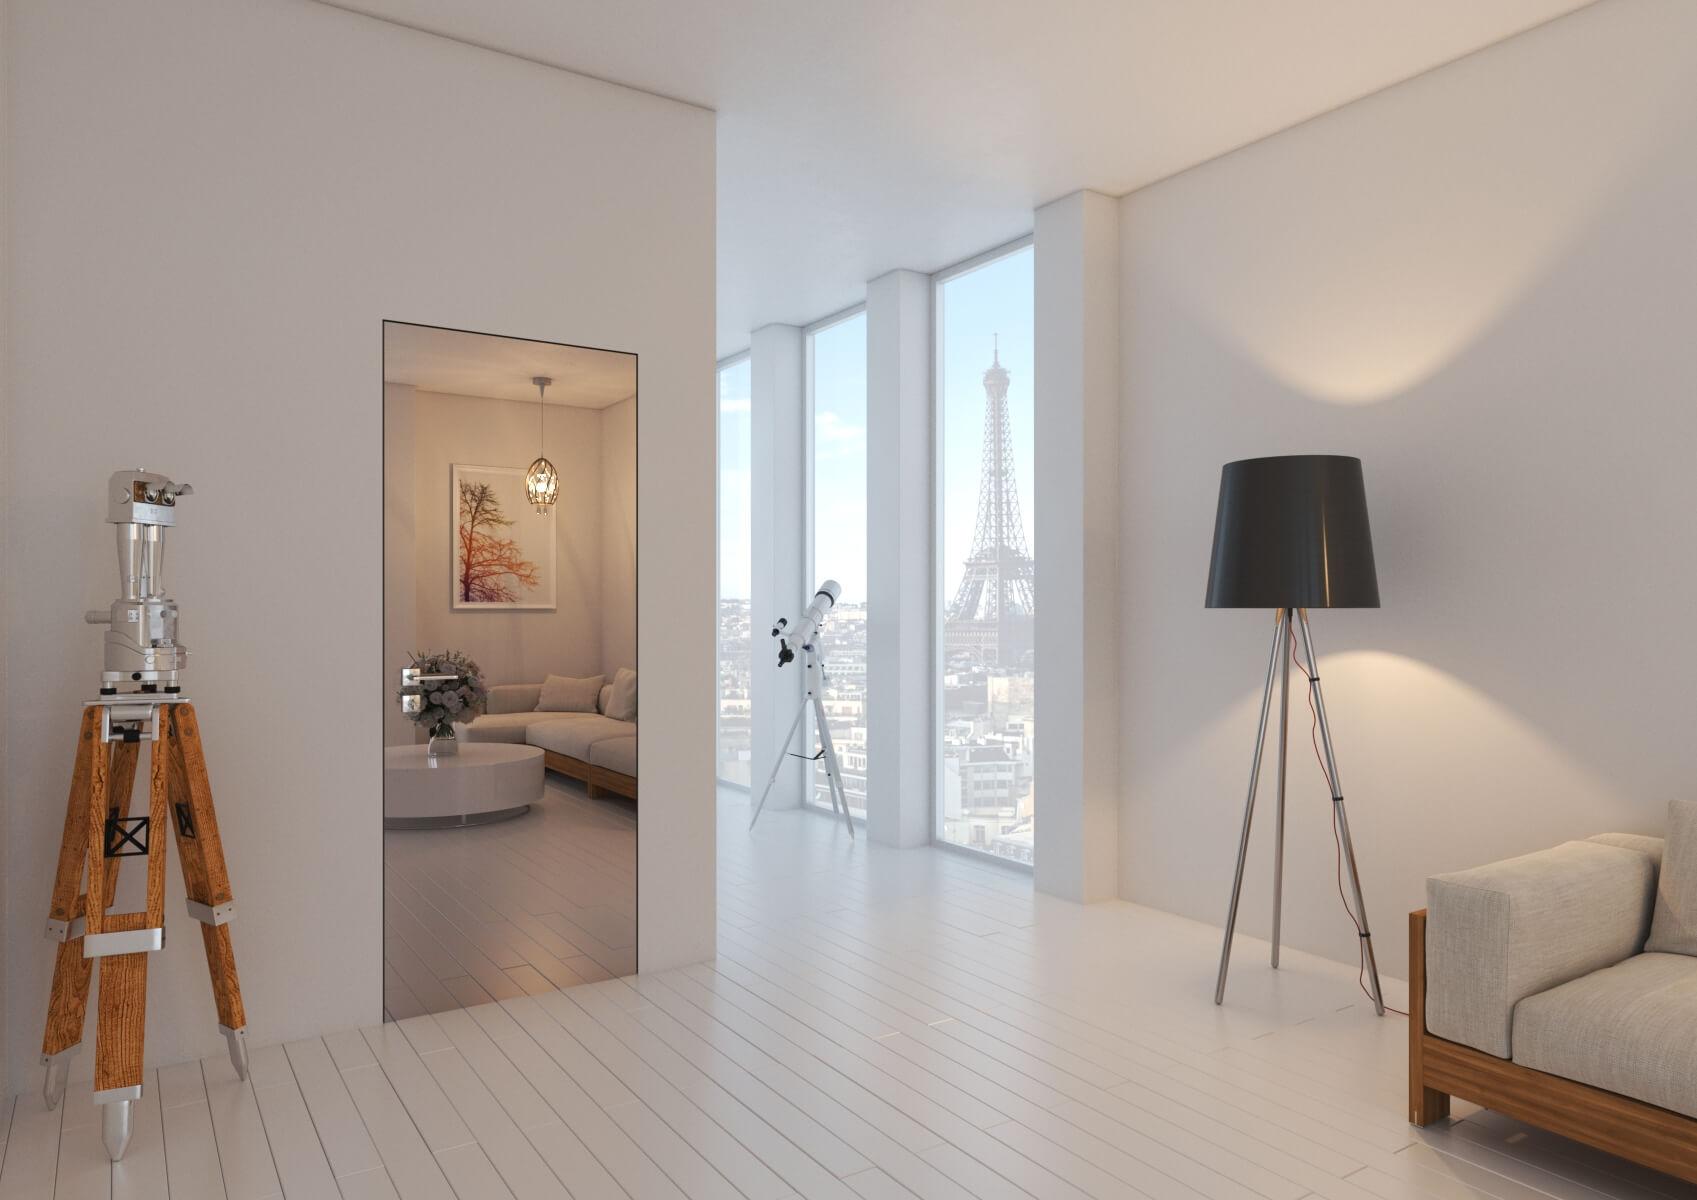 Porte Filo Muro Specchio porta raso muro e specchio esterno - blog arredamento